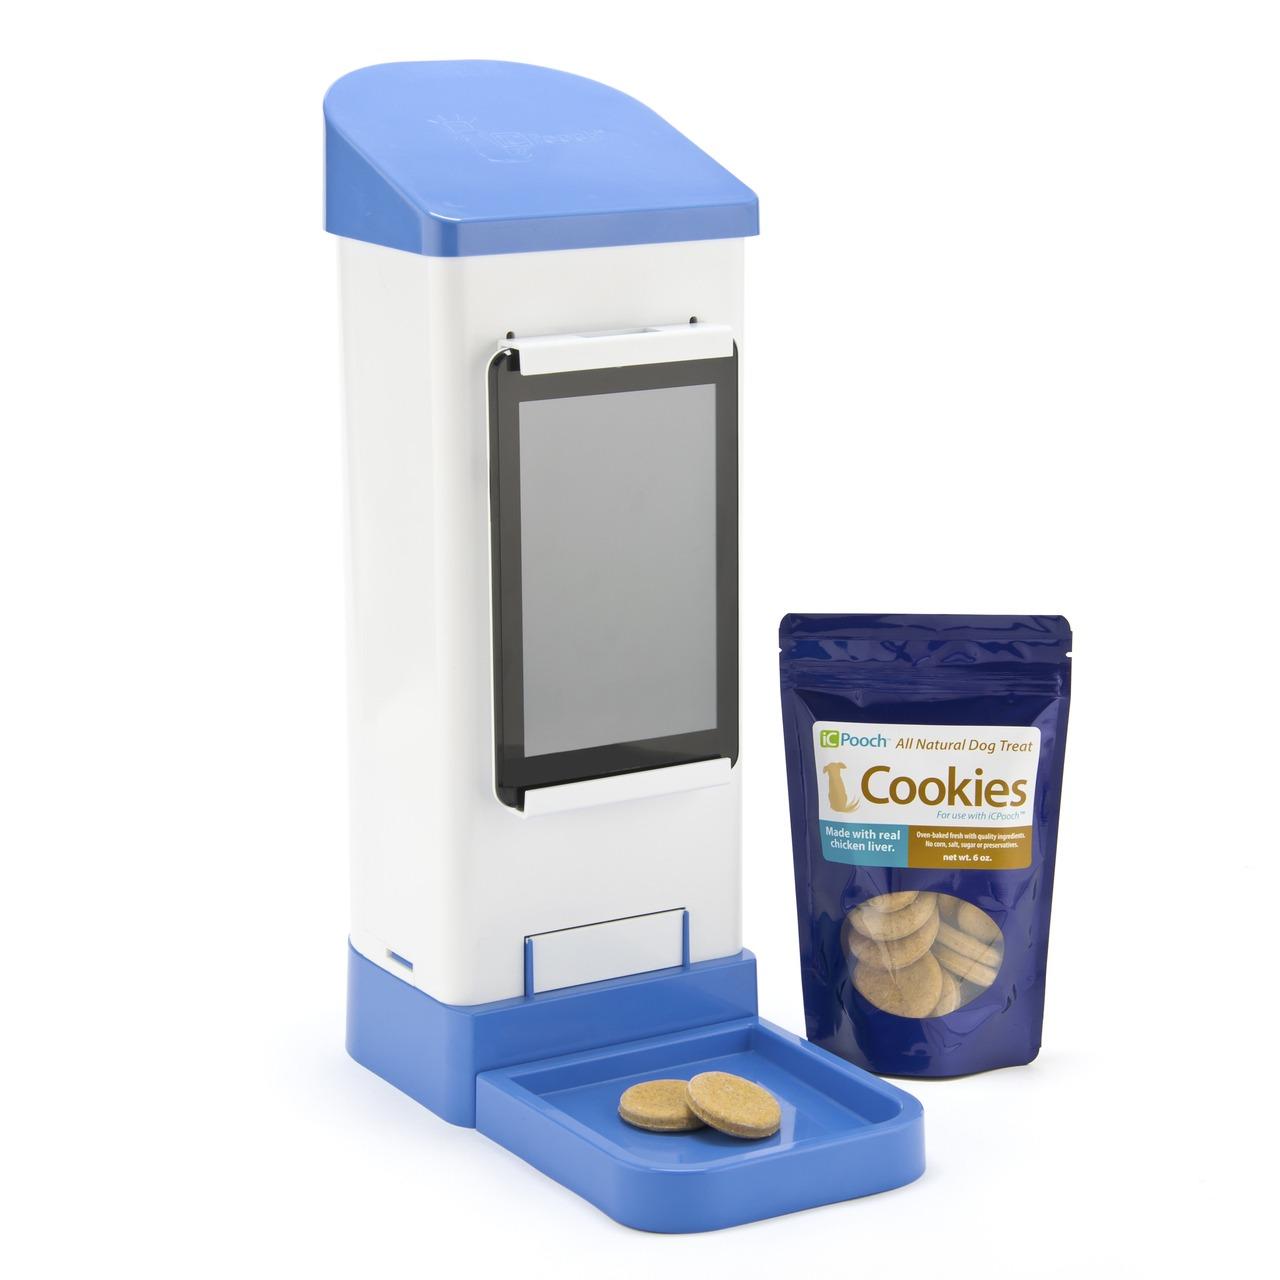 Main_tablet_cookies__02336.1403226511.1280.1280__70484.1403226960.1280.1280